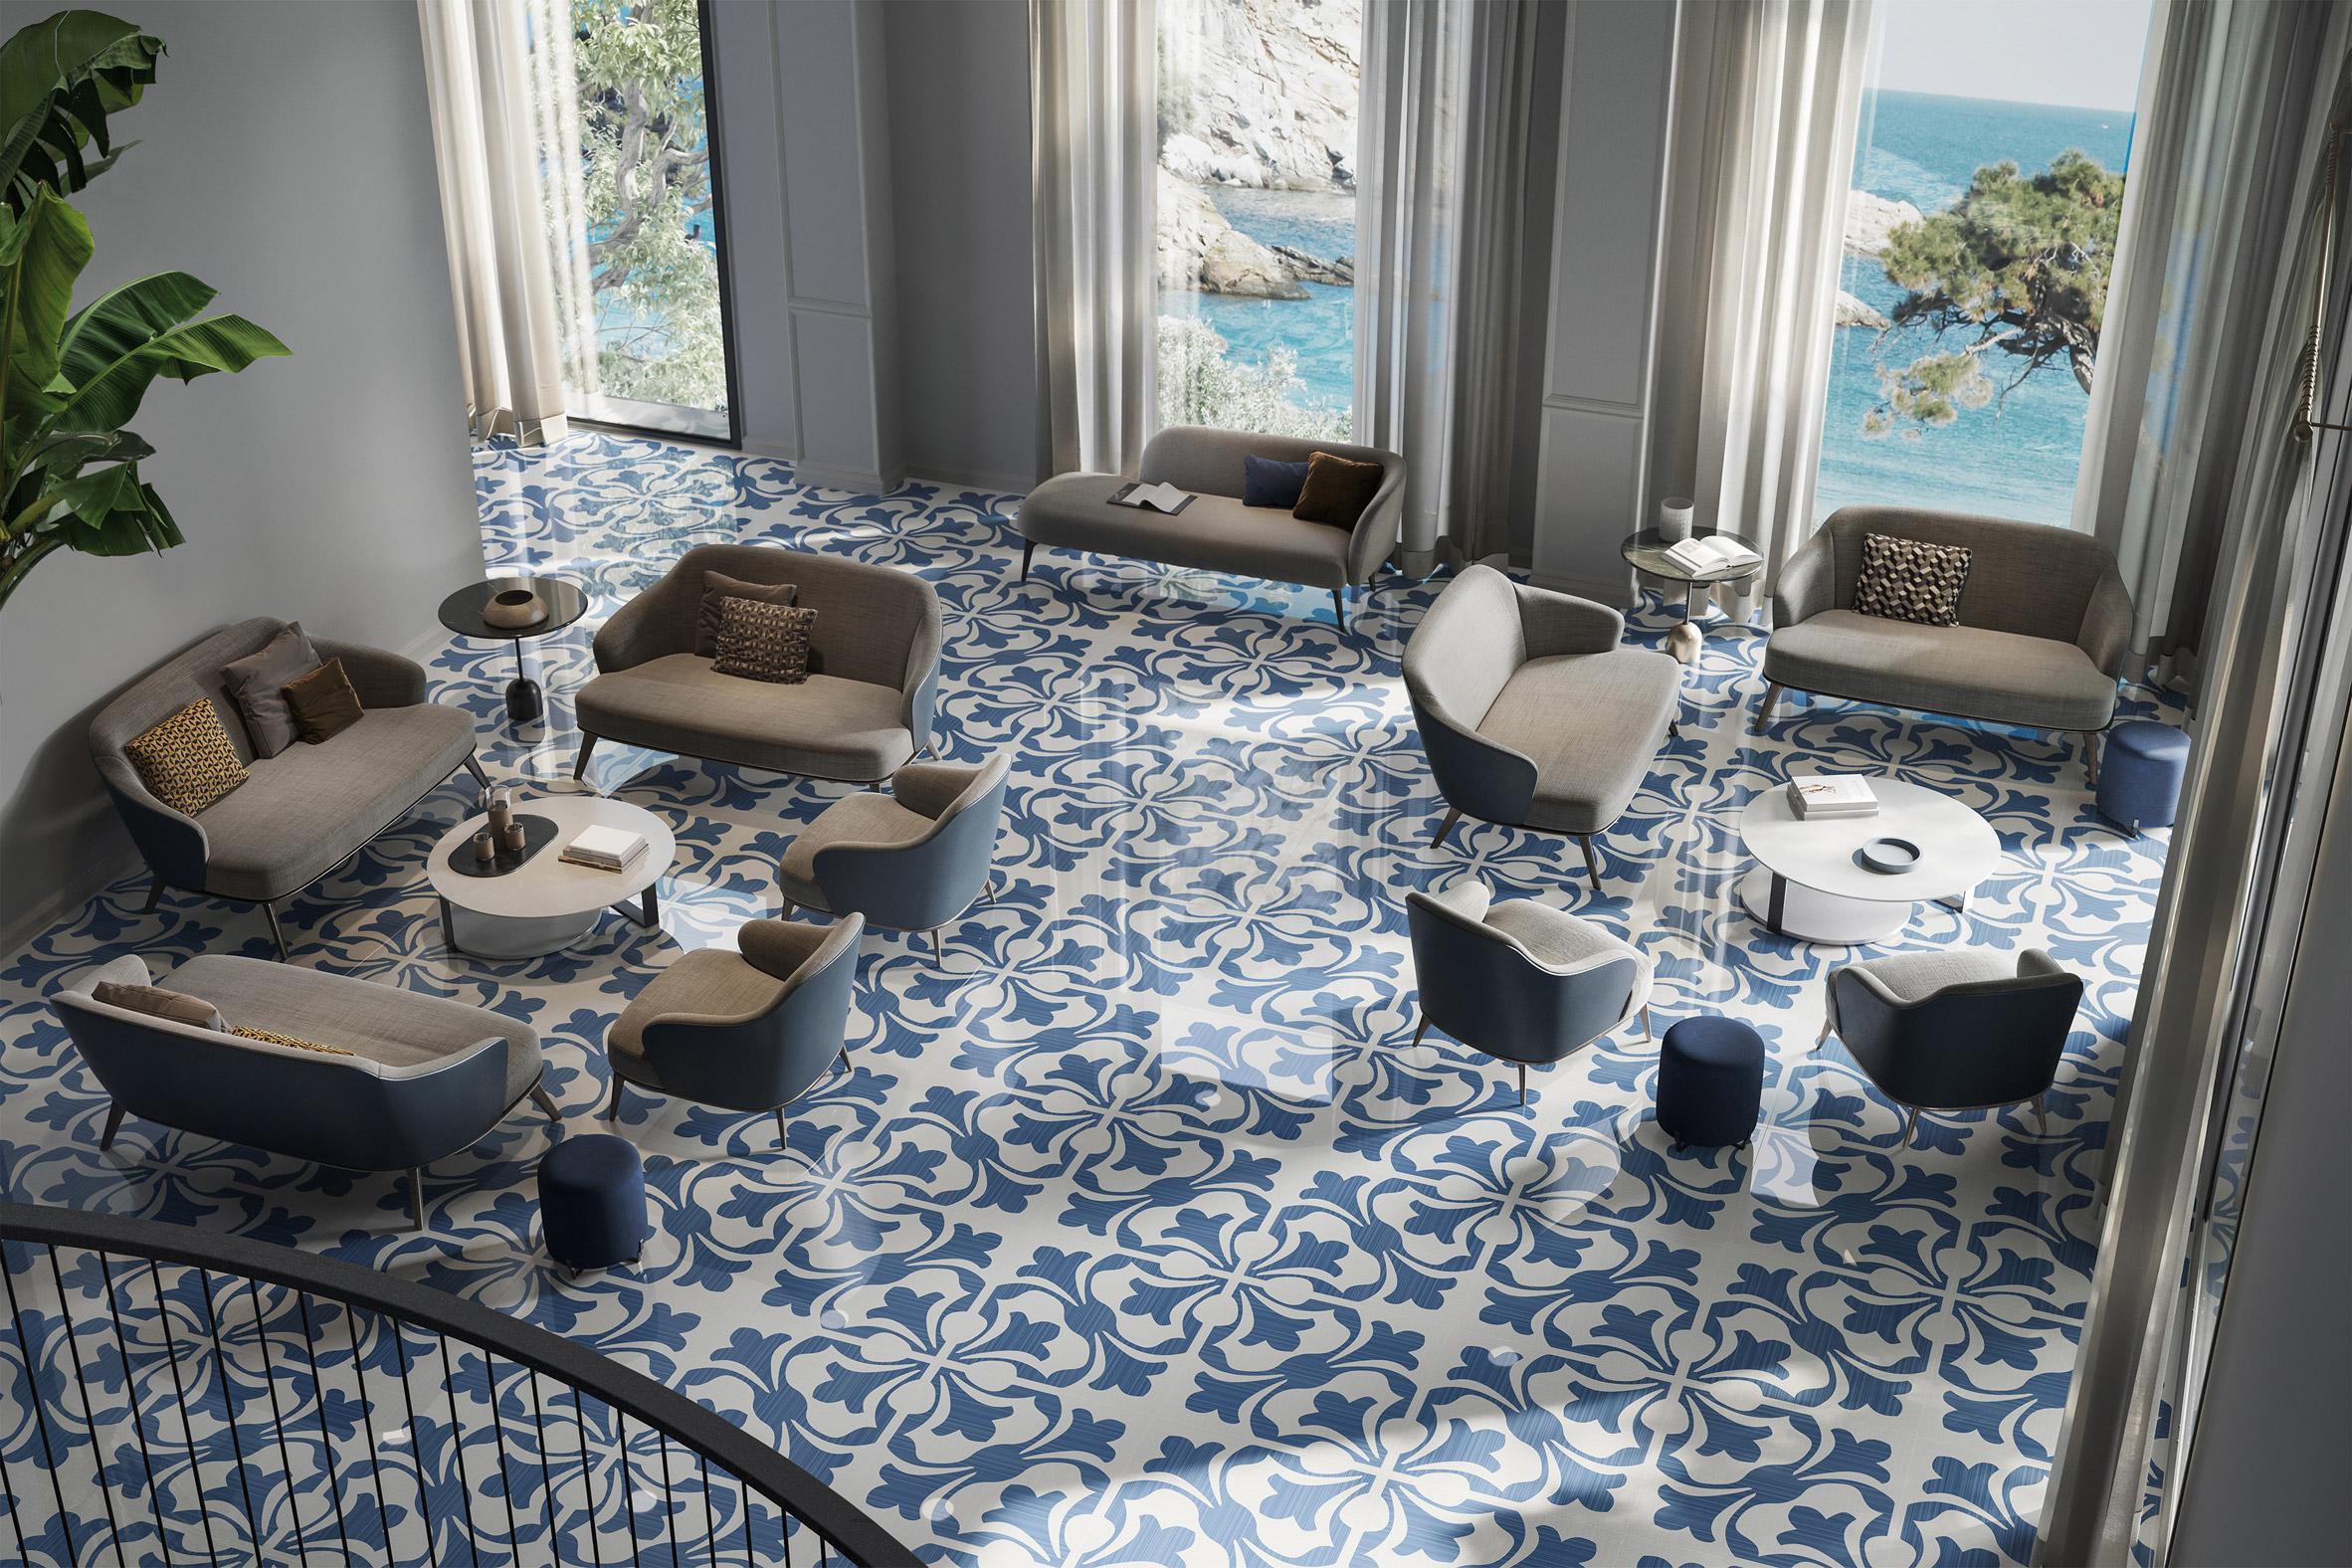 Fiore Blu in Riflessi tile collection by Ceramiche Refin